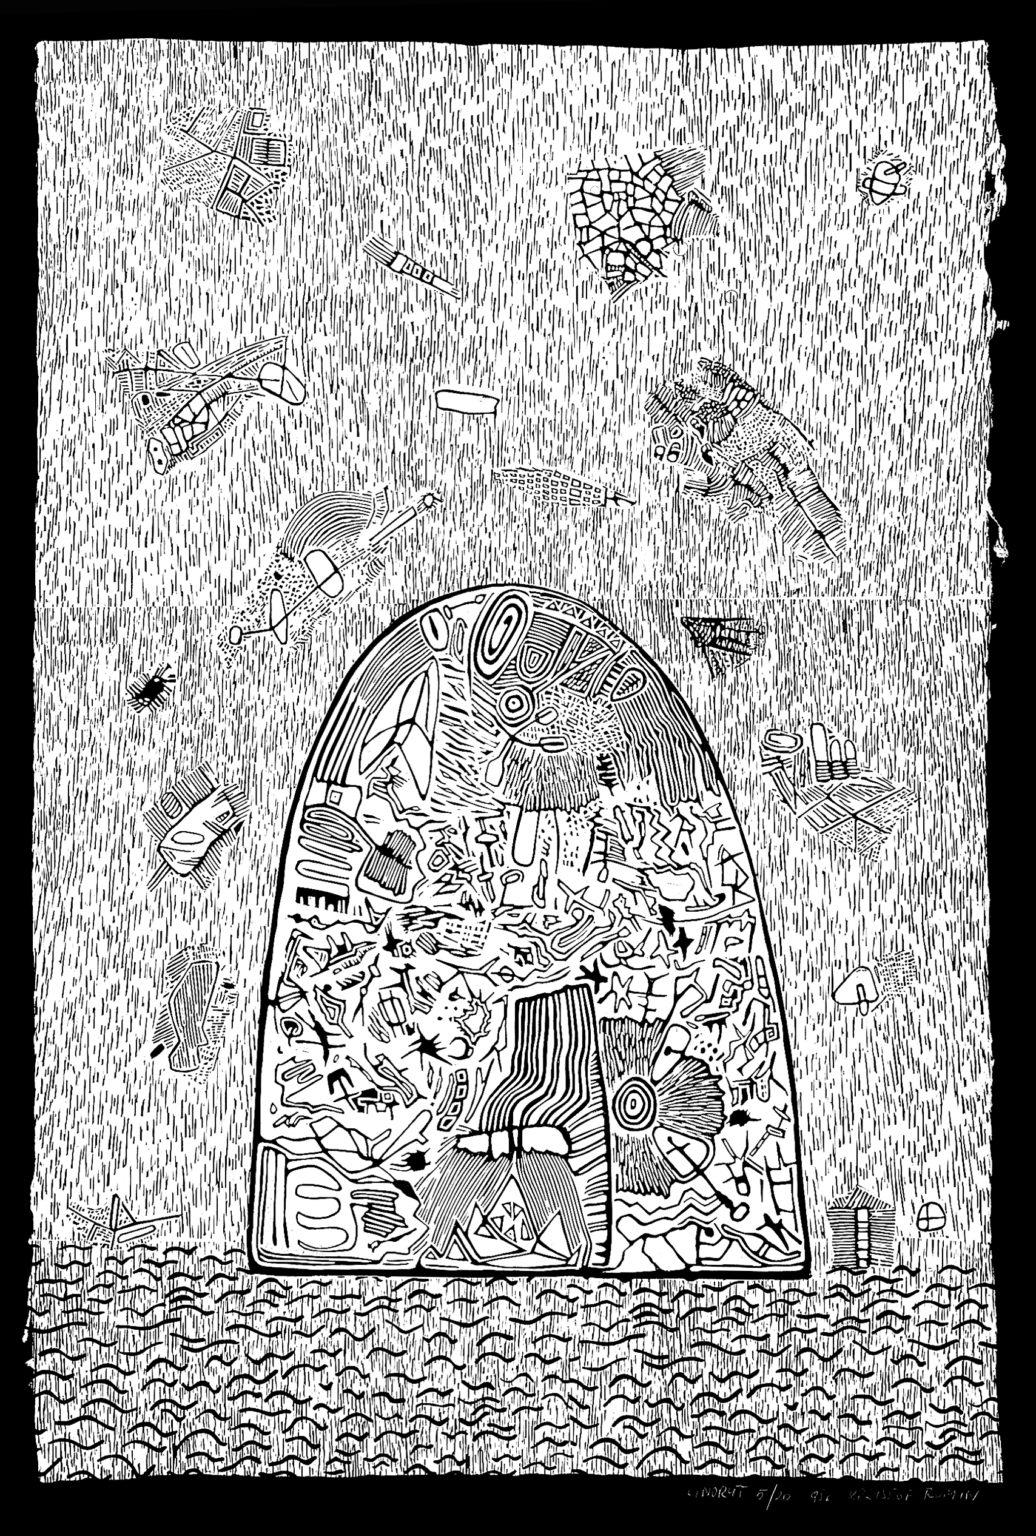 Linoryt Pejzaż 5 o wymiarach 100x70